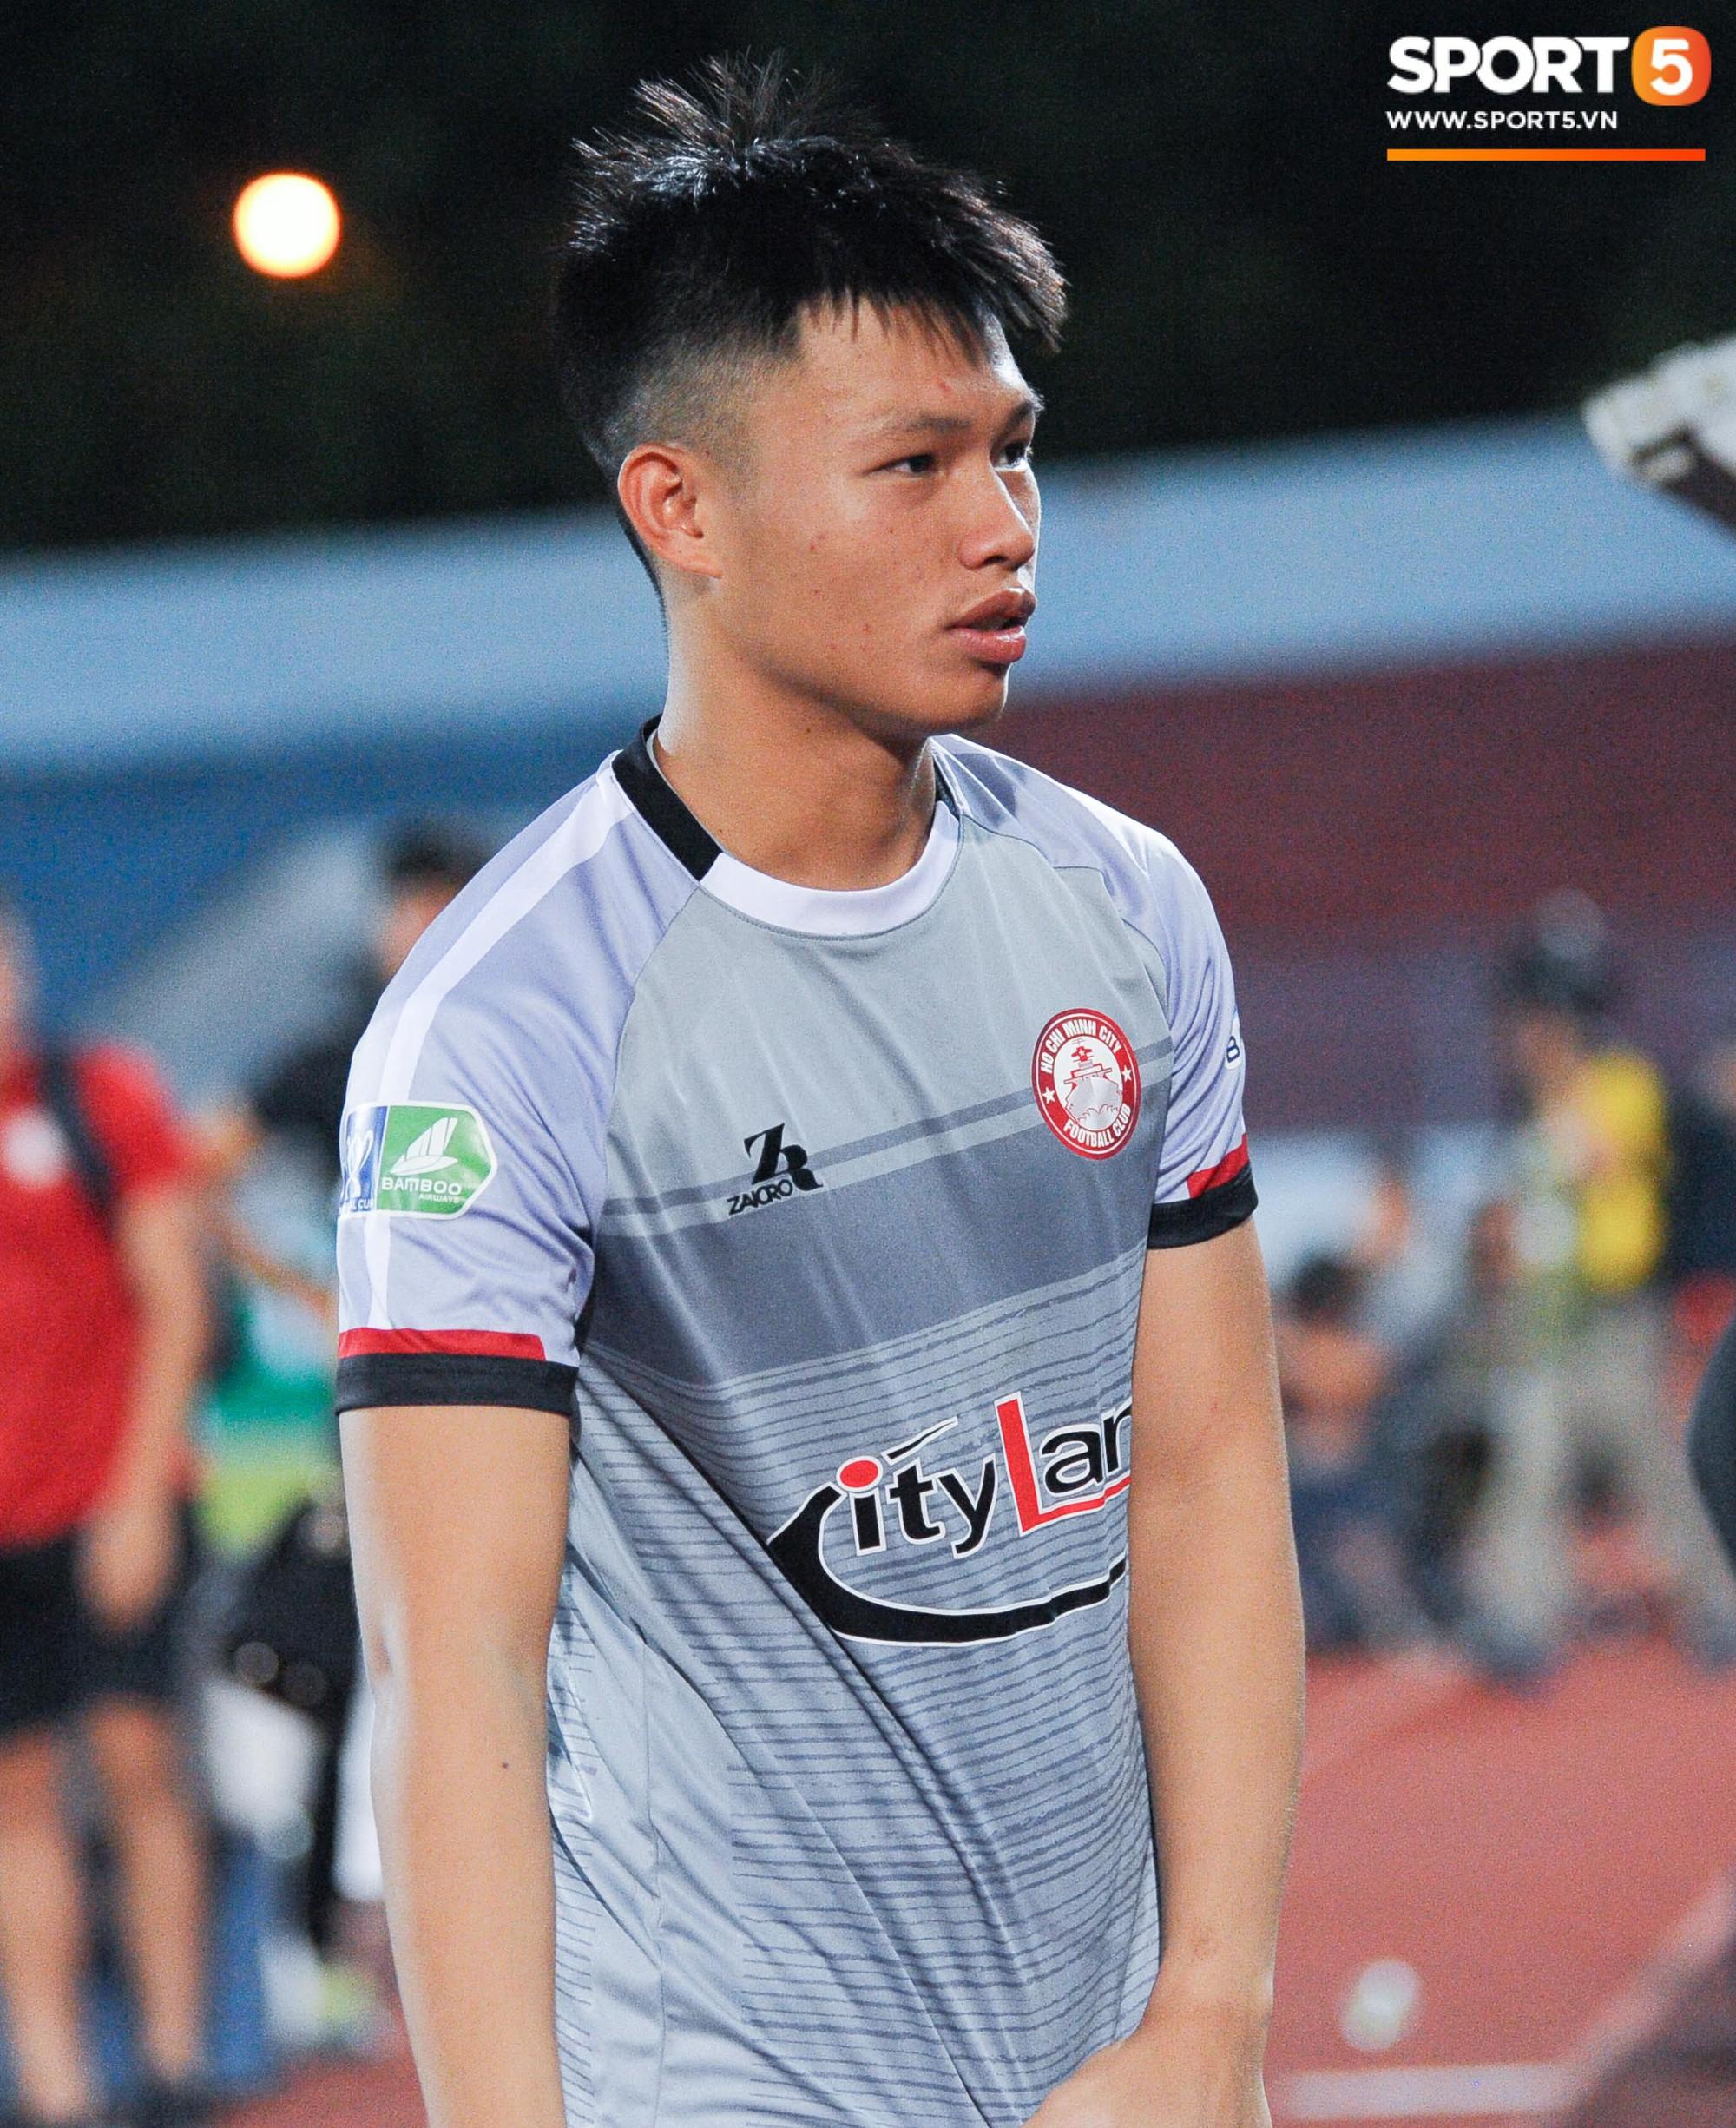 Cảm động khoảnh khắc cựu tuyển thủ Việt Nam chạy theo gọi tên thầy Lee khi cơn bão đang cận kề-4